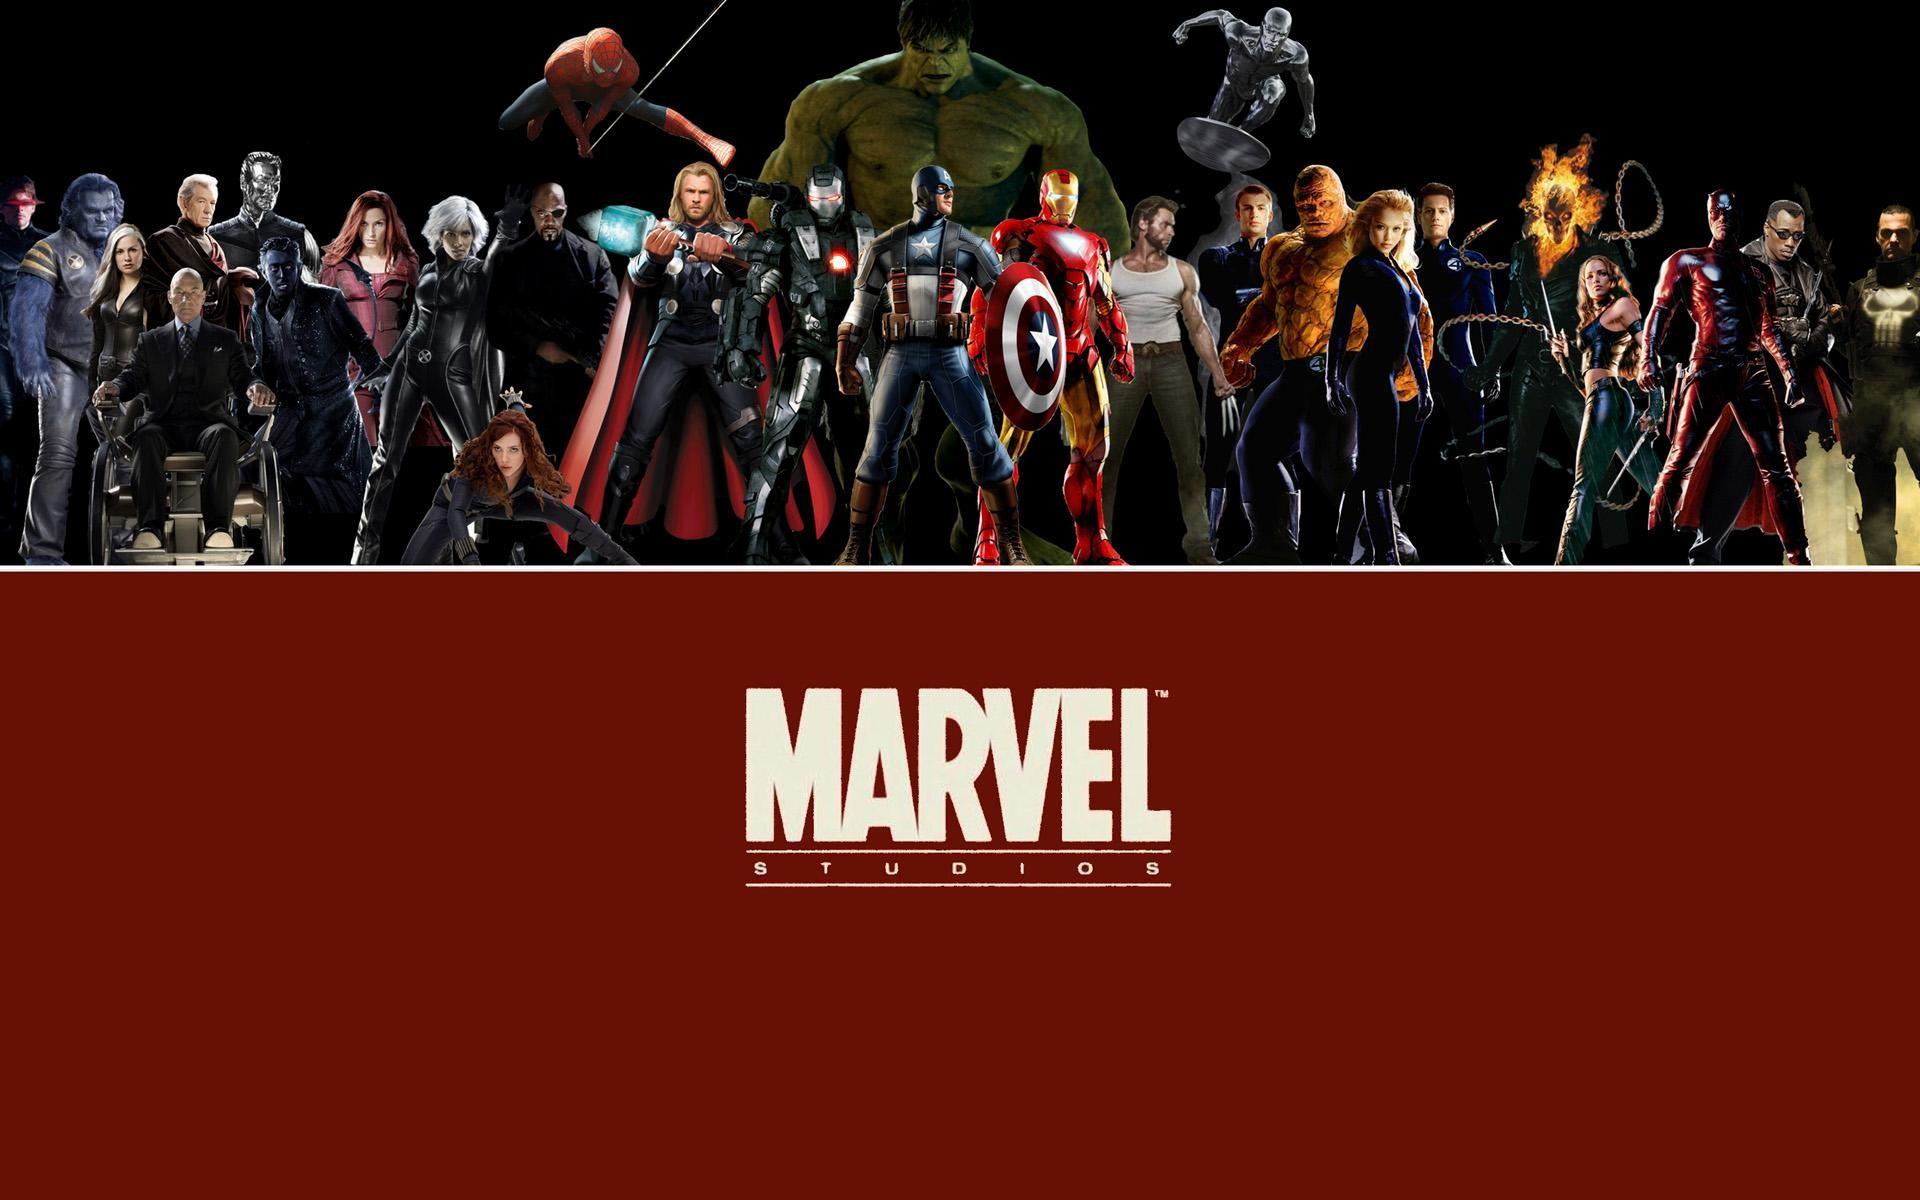 Hd Marvel Wallpapers For Desktop 58 Images